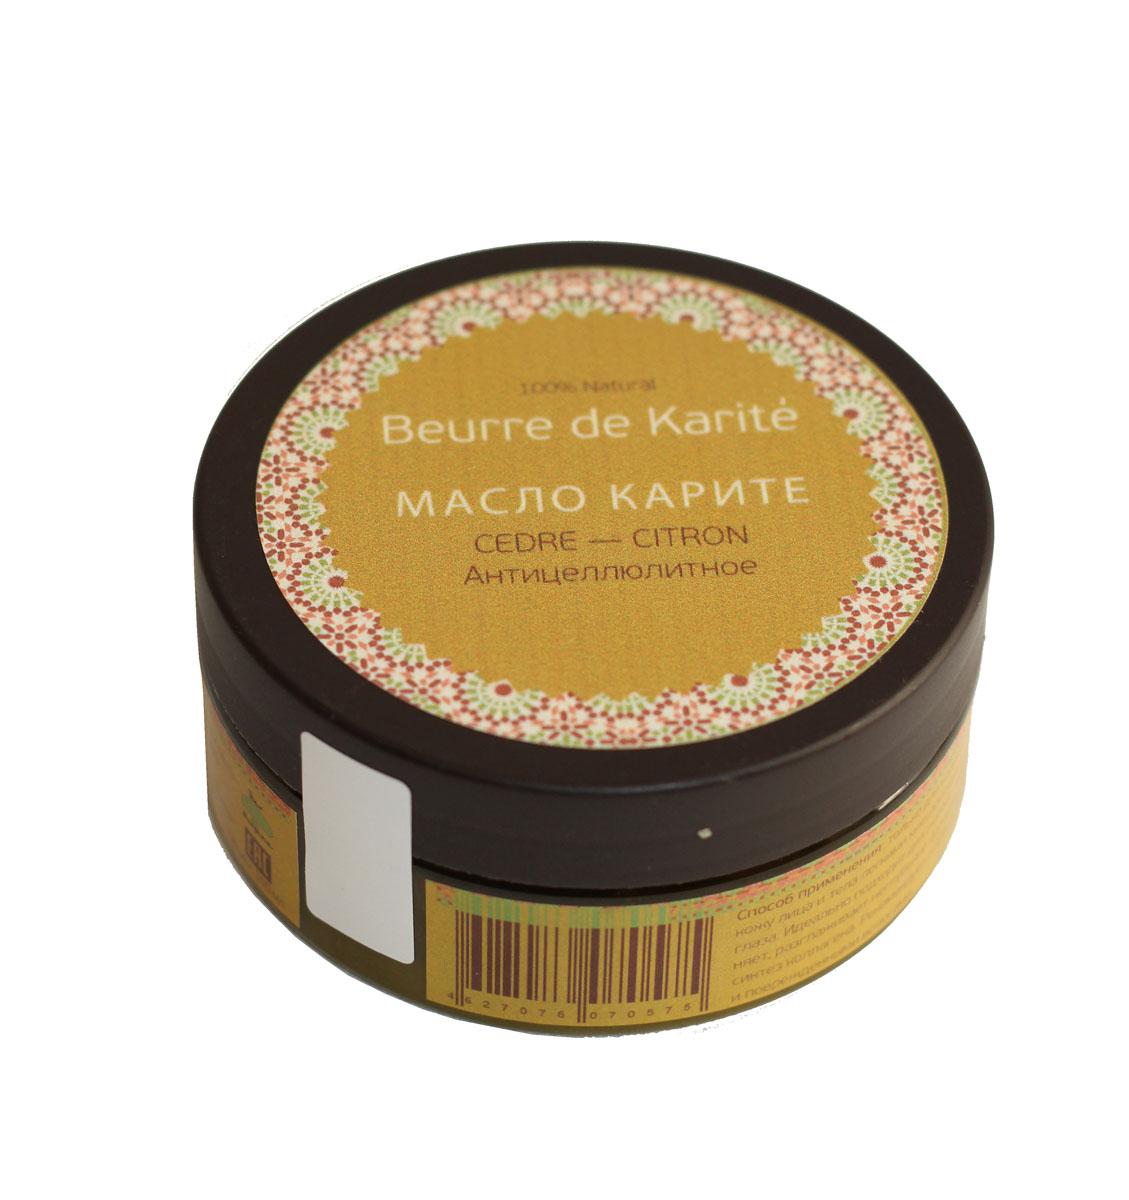 Дом Арганы Масло Карите Кедр - Лимон, косметическое, 150 мл70575Содержит биологически активные компонент эфирное масло кедра и лимона в сочетании с нерафинированным маслом ши (карите). Эта композиция является эликсиром молодости для вашей кожи. Эфирное масло кедра обладает многими целебными свойствами: успокаивающим, тонизирующим, болеутоляющим, противовоспалительным, антисептическим, противовирусным, бактерицидным, антиоксидантным, регенерирующим, антиаллергическим, противогрибковым, инсектицидным и т.д. Оно способствует выведению лишней жидкости, усиливает лимфодренаж, ускоряет расщепление жиров, не давая им накапливаться в организме. Эфирное масло кедра в концентрированном виде содержит витамины A, B1,B2, B3, PP, B6,D, E, F. Как и большинство цитрусовых ароматических масел, лимонное эффективно при лишнем весе и ожирении, способствует выведению шлаков. Ликвидируя расширенность пор, дряблость кожи, убирая сосудистые рисунки, отёки, чрезмерную жирность кожи, воспаления и кератозы, лимонное масло является одной из самых активных косметических...